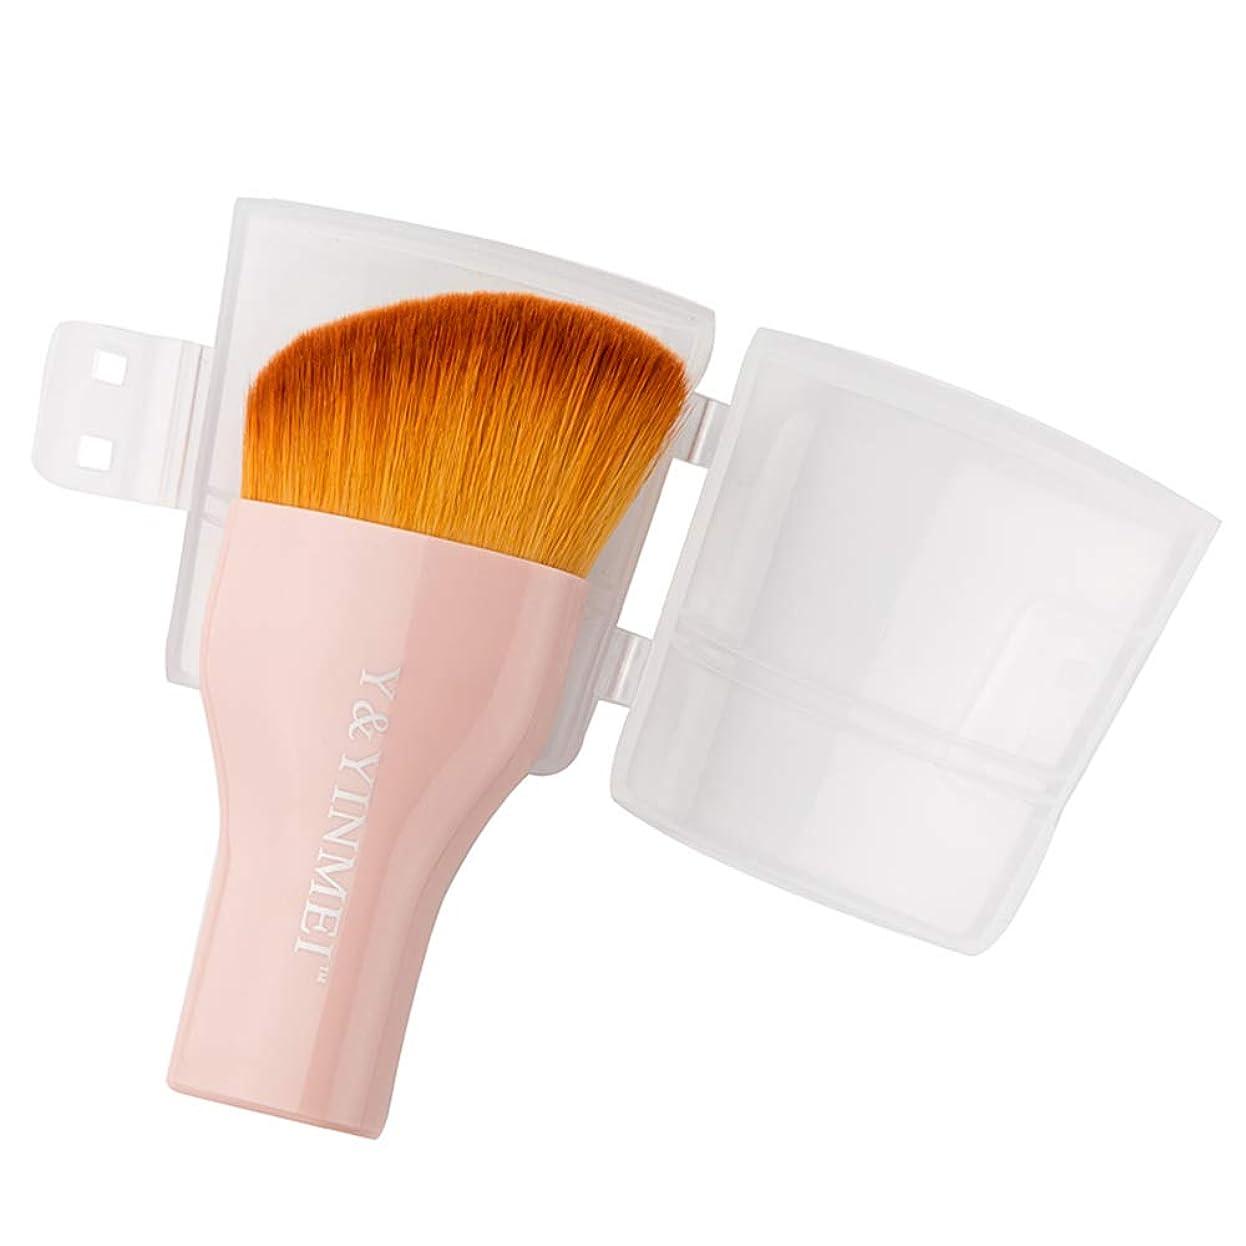 心から以来ステレオメイクブラシ 化粧ブラシ ファンデーション 人気ブラシ BBクリームブラシ チークブラシ リキッドブラシ 携帯用 キャップ付き SNE-DJ